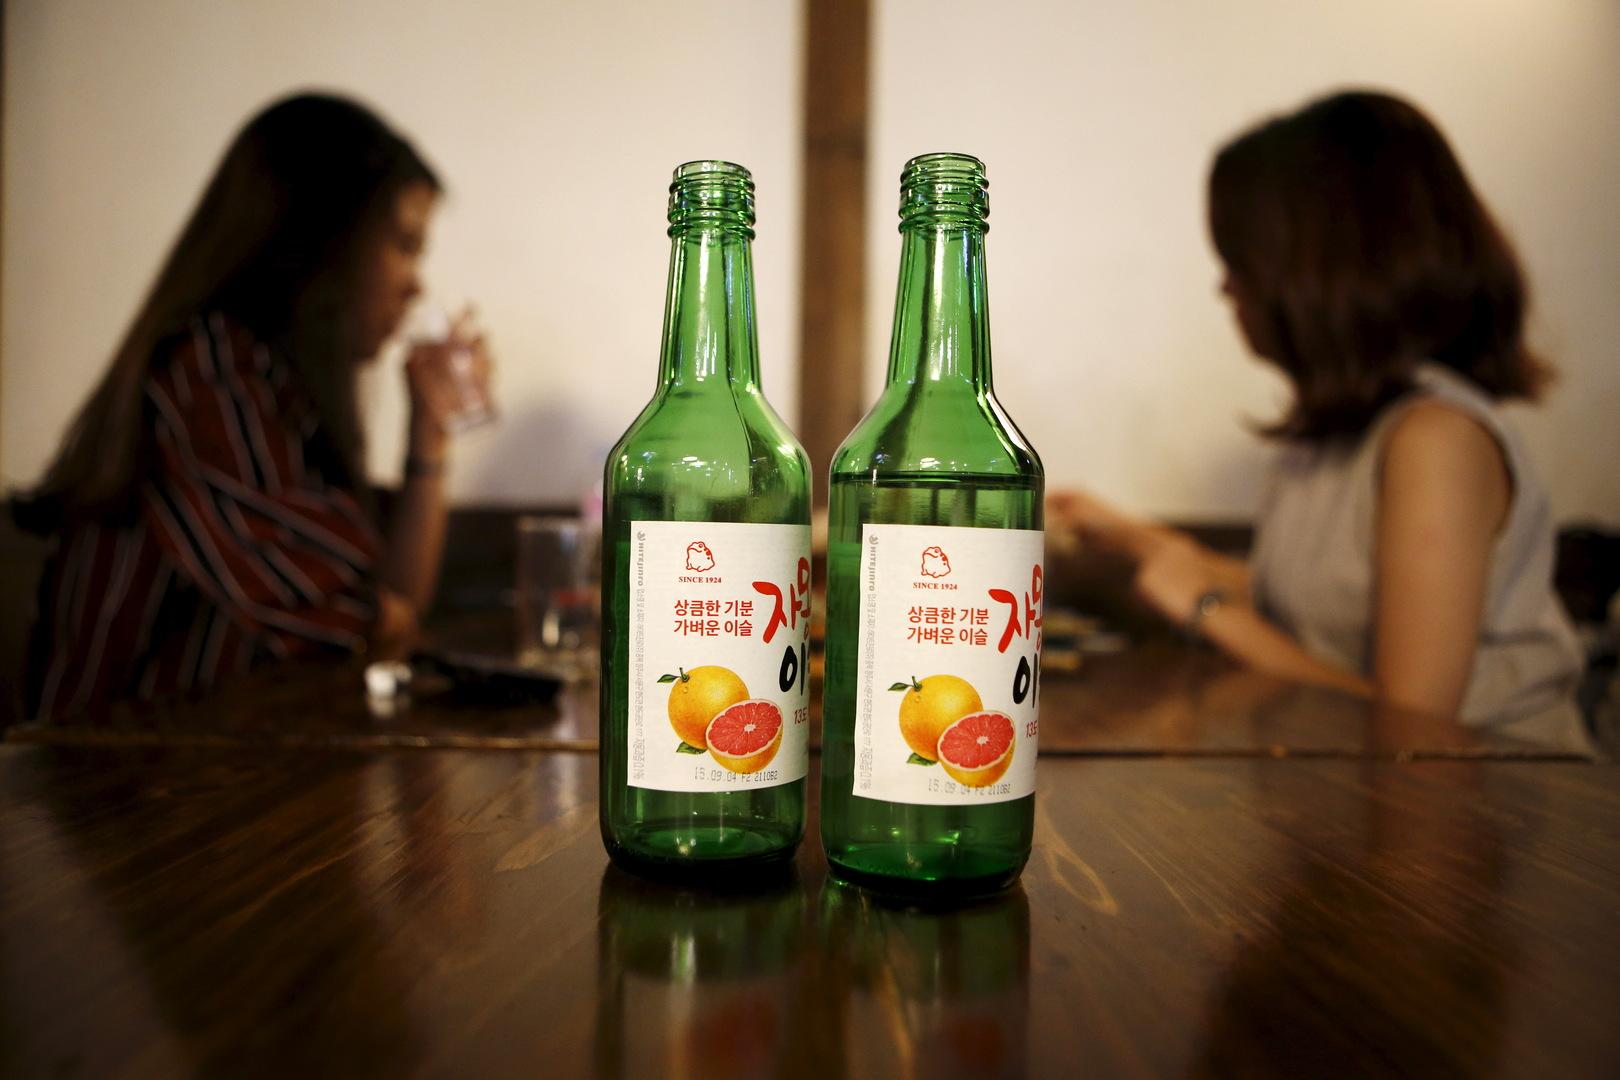 منظمة الصحة العالمية تقترح منع النساء من شرب الخمر